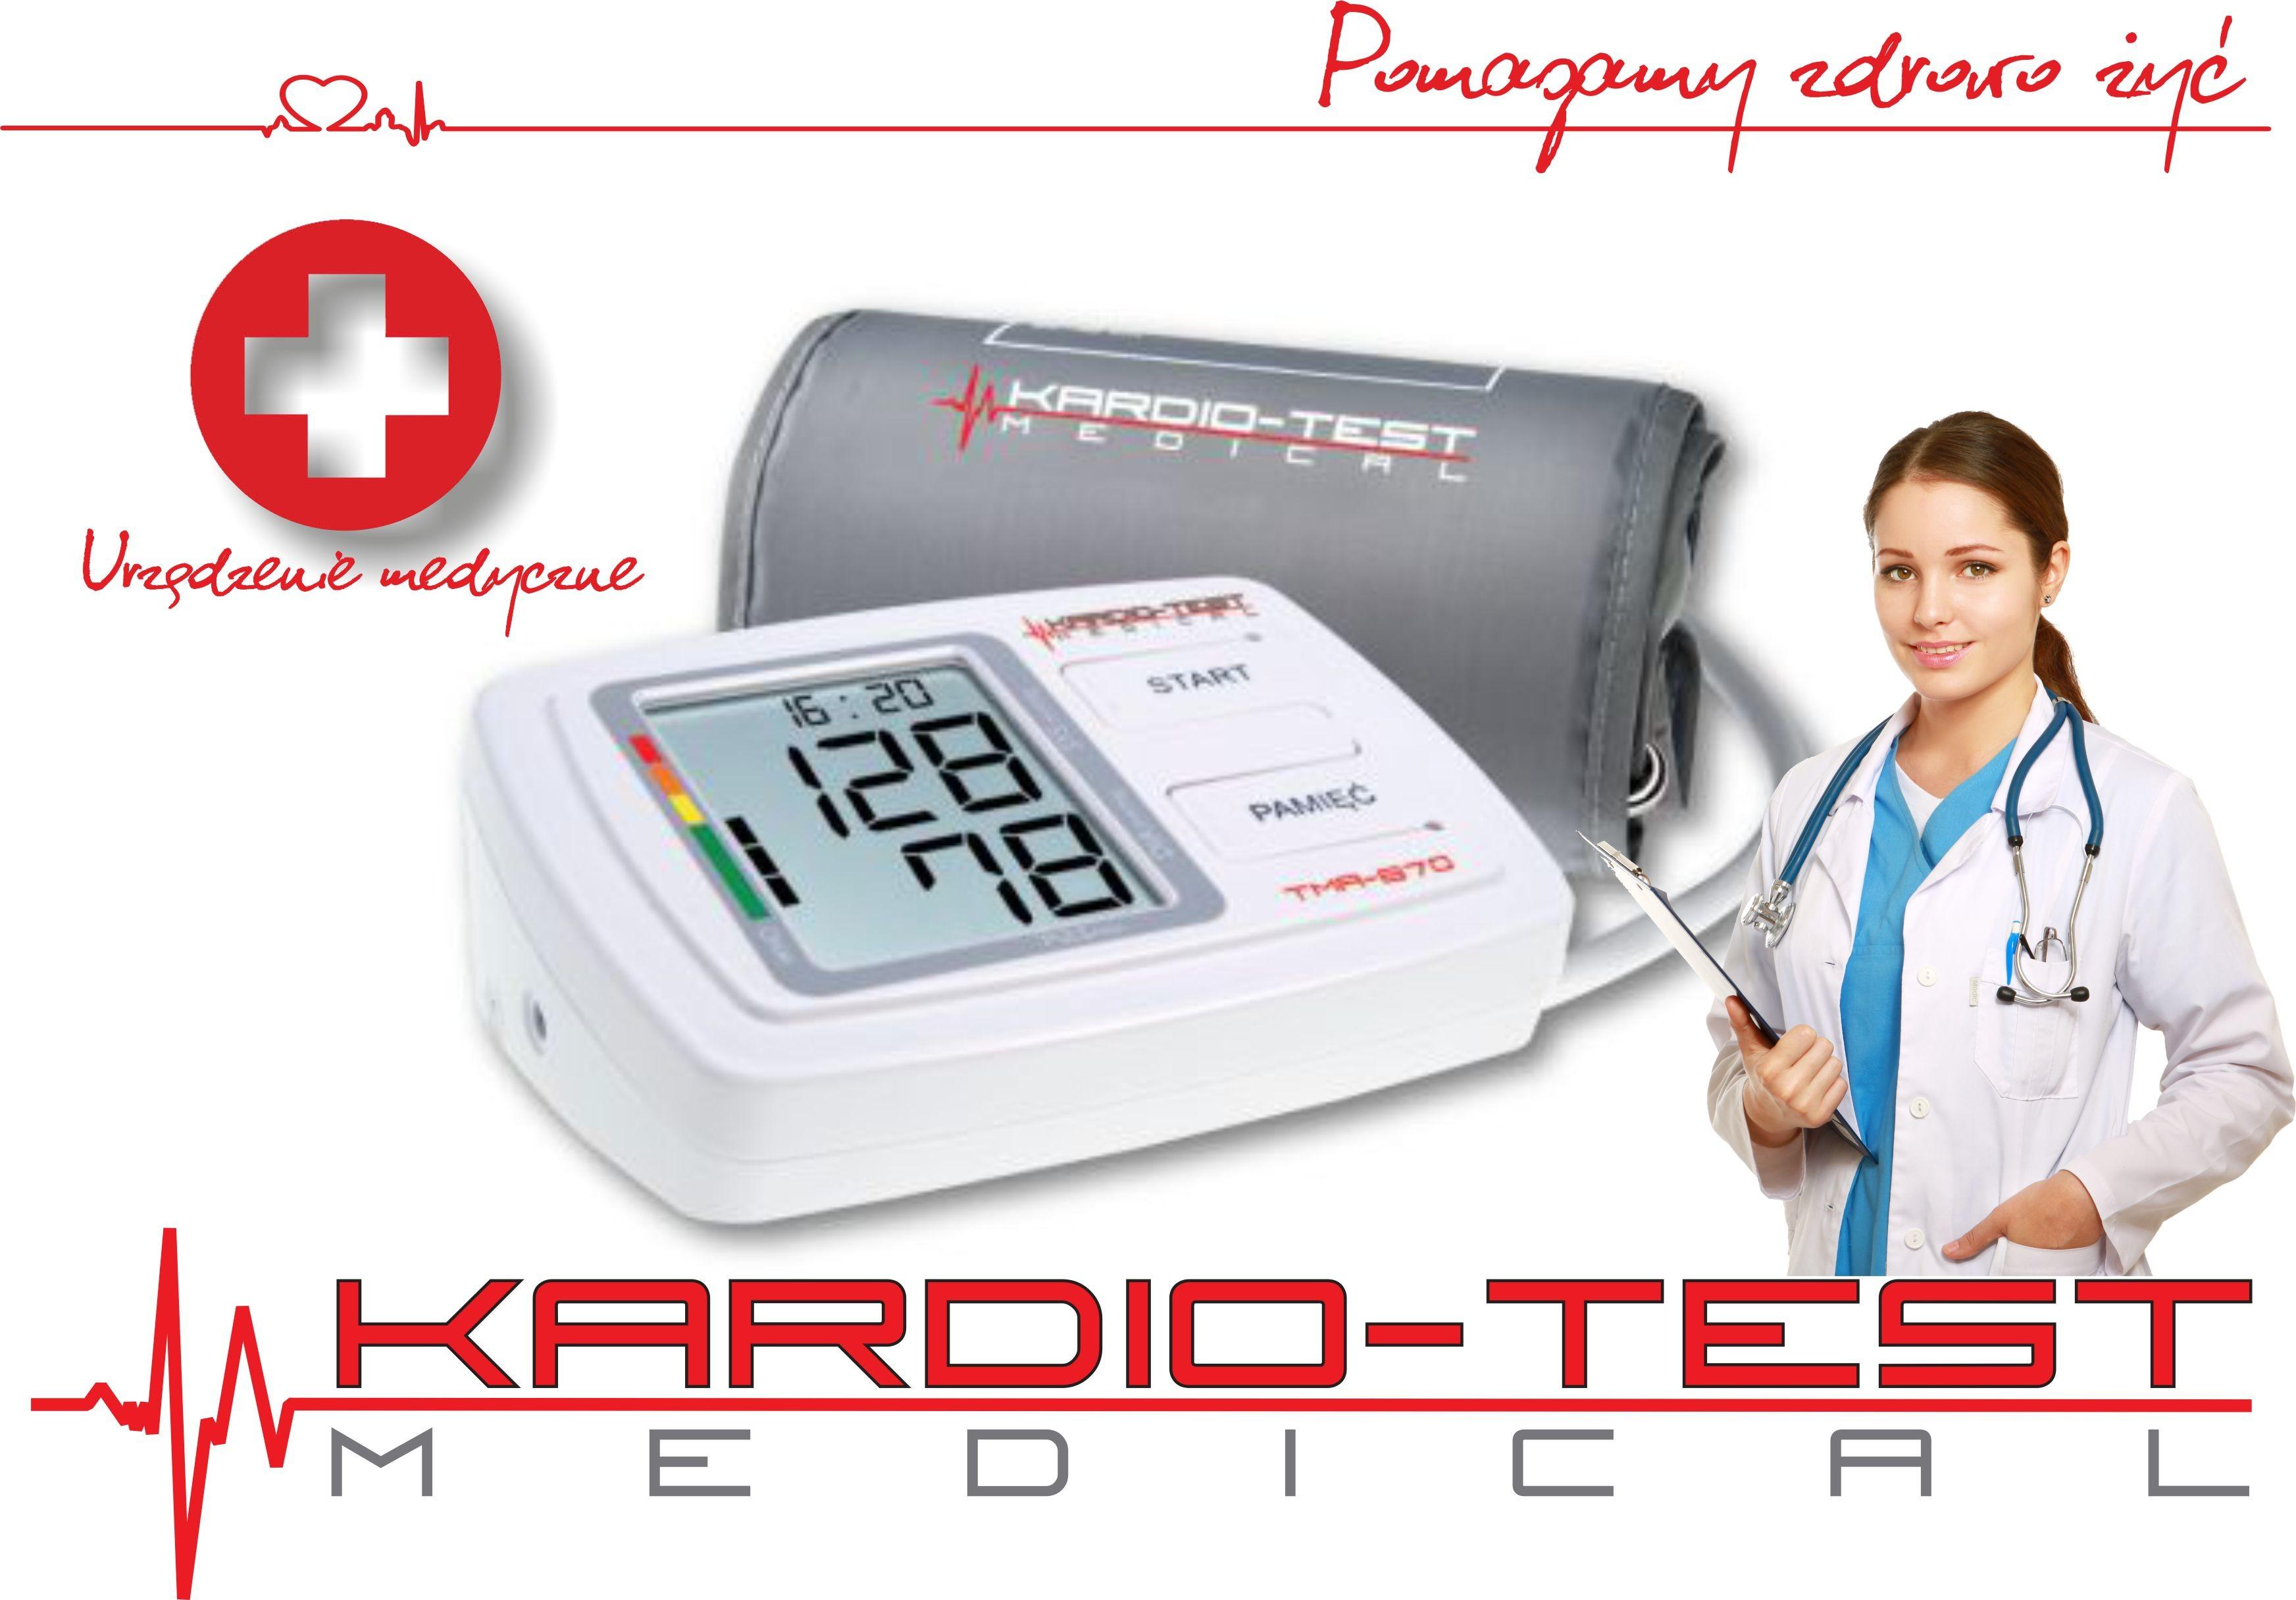 KARDIO-TEST KTA-870